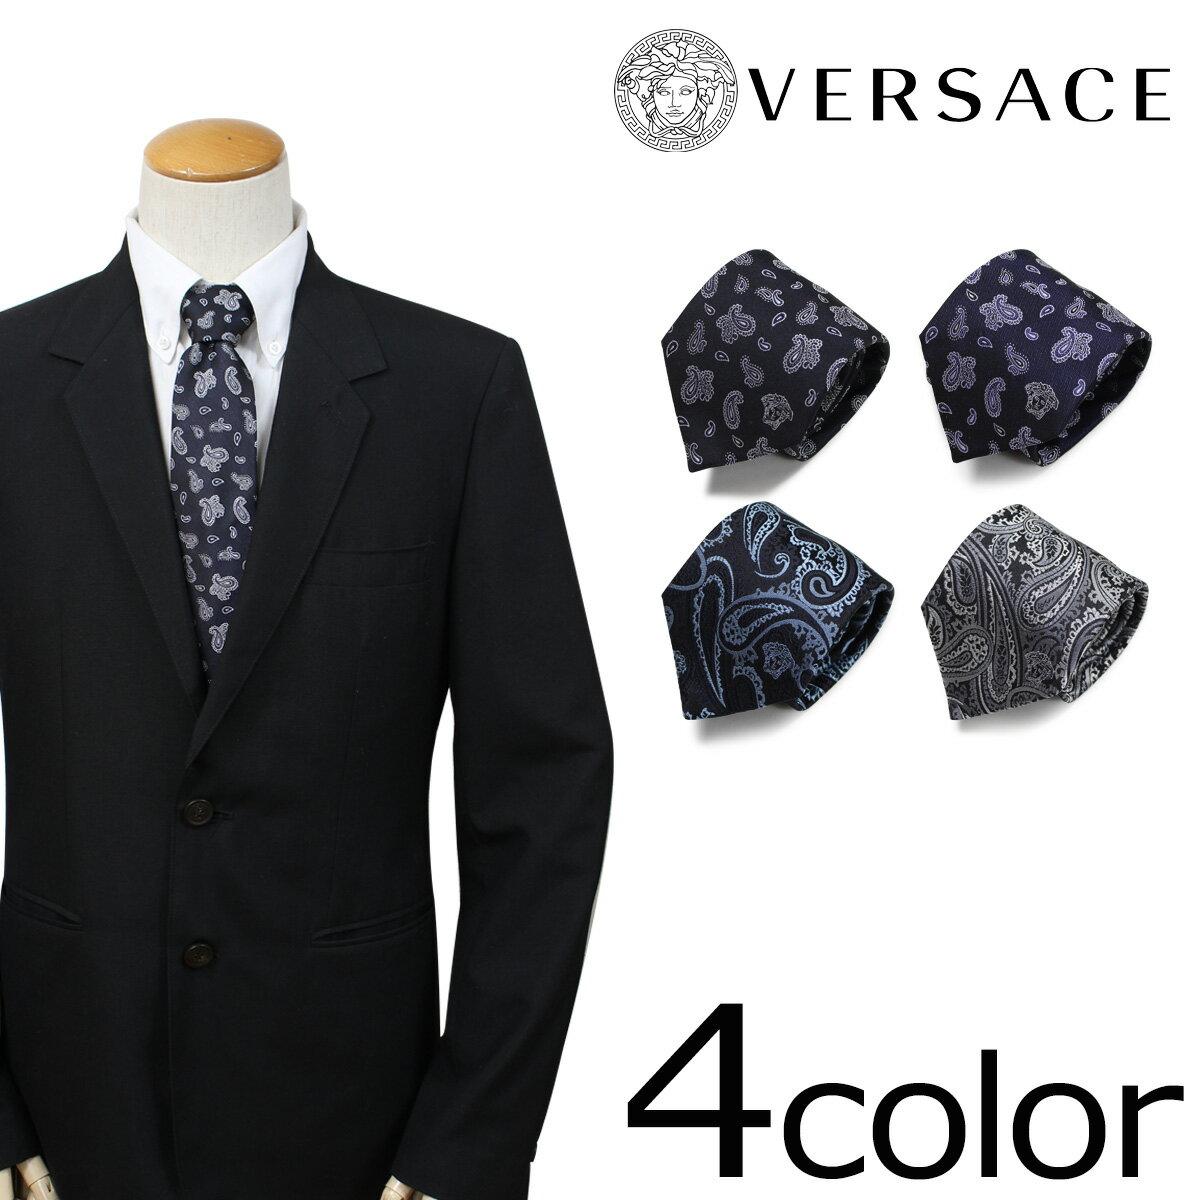 ベルサーチ ネクタイ シルク ヴェルサーチ VERSACE メンズ ギフト ケース付 イタリア製 ビジネス 結婚式 [4/24 追加入荷]